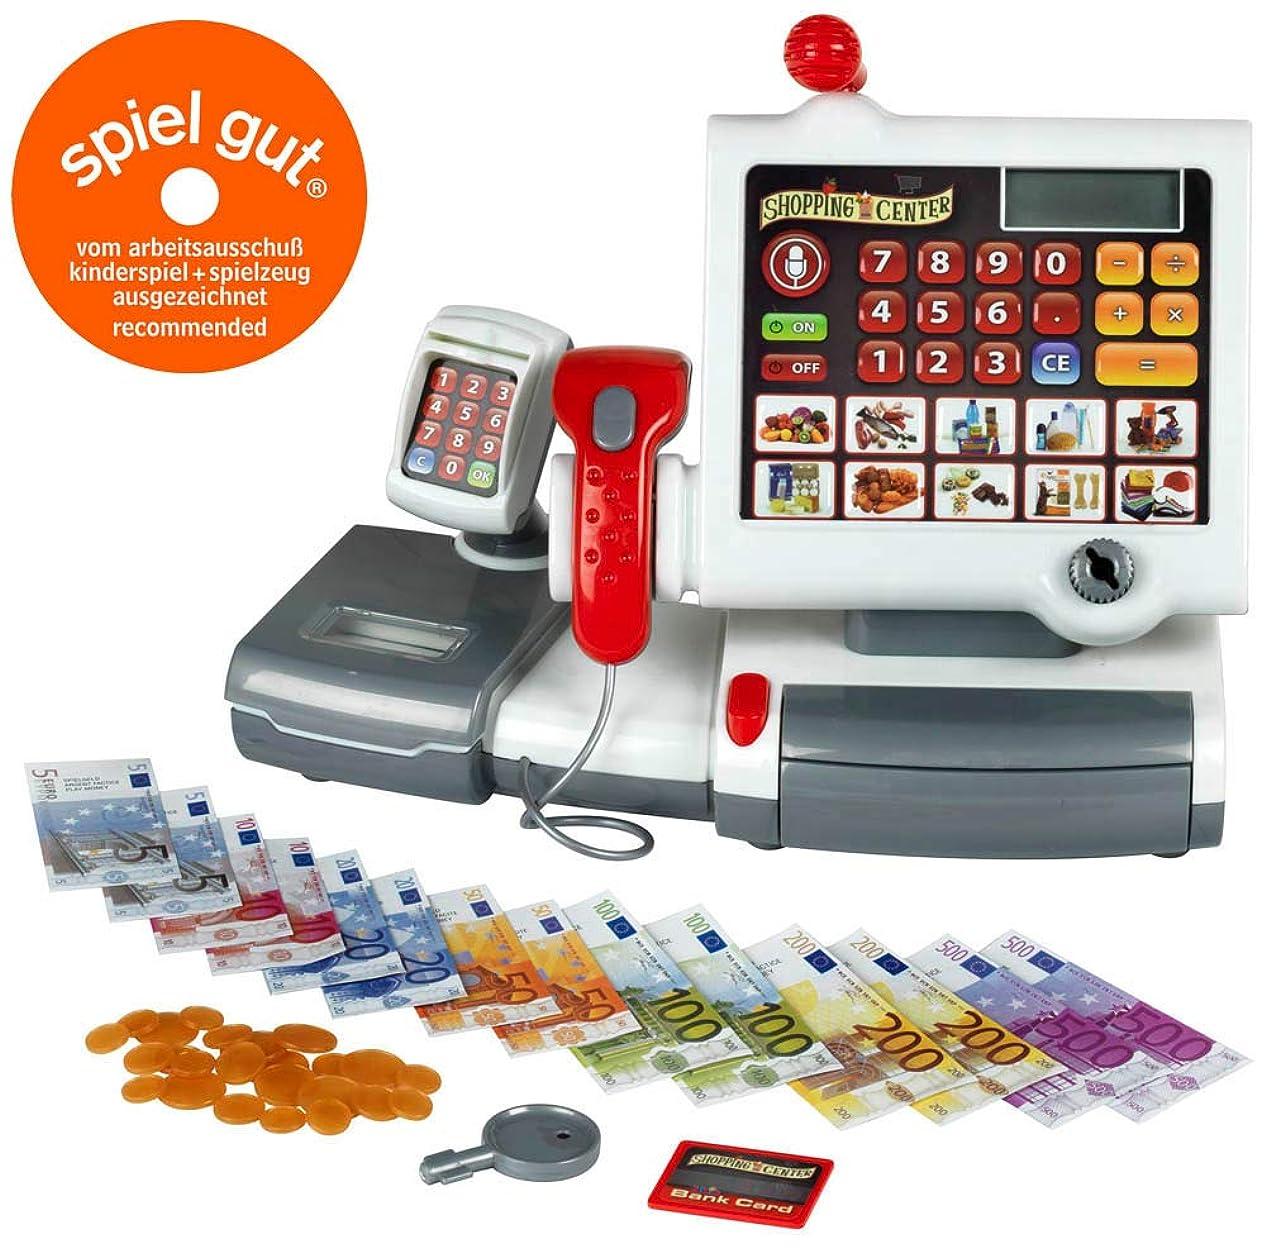 もも紛争HJXDJP-子供の知育玩具 ままごと遊びをするおもちゃ 多機能スーパーマーケットのレジカウンター アウトドアデザート屋 アナログショッピングや支払いのゲームリッチキャンディー、菓子、ジュース、キャッシュレジスタやその他の付属品 (L*H*-W=56*86*34)